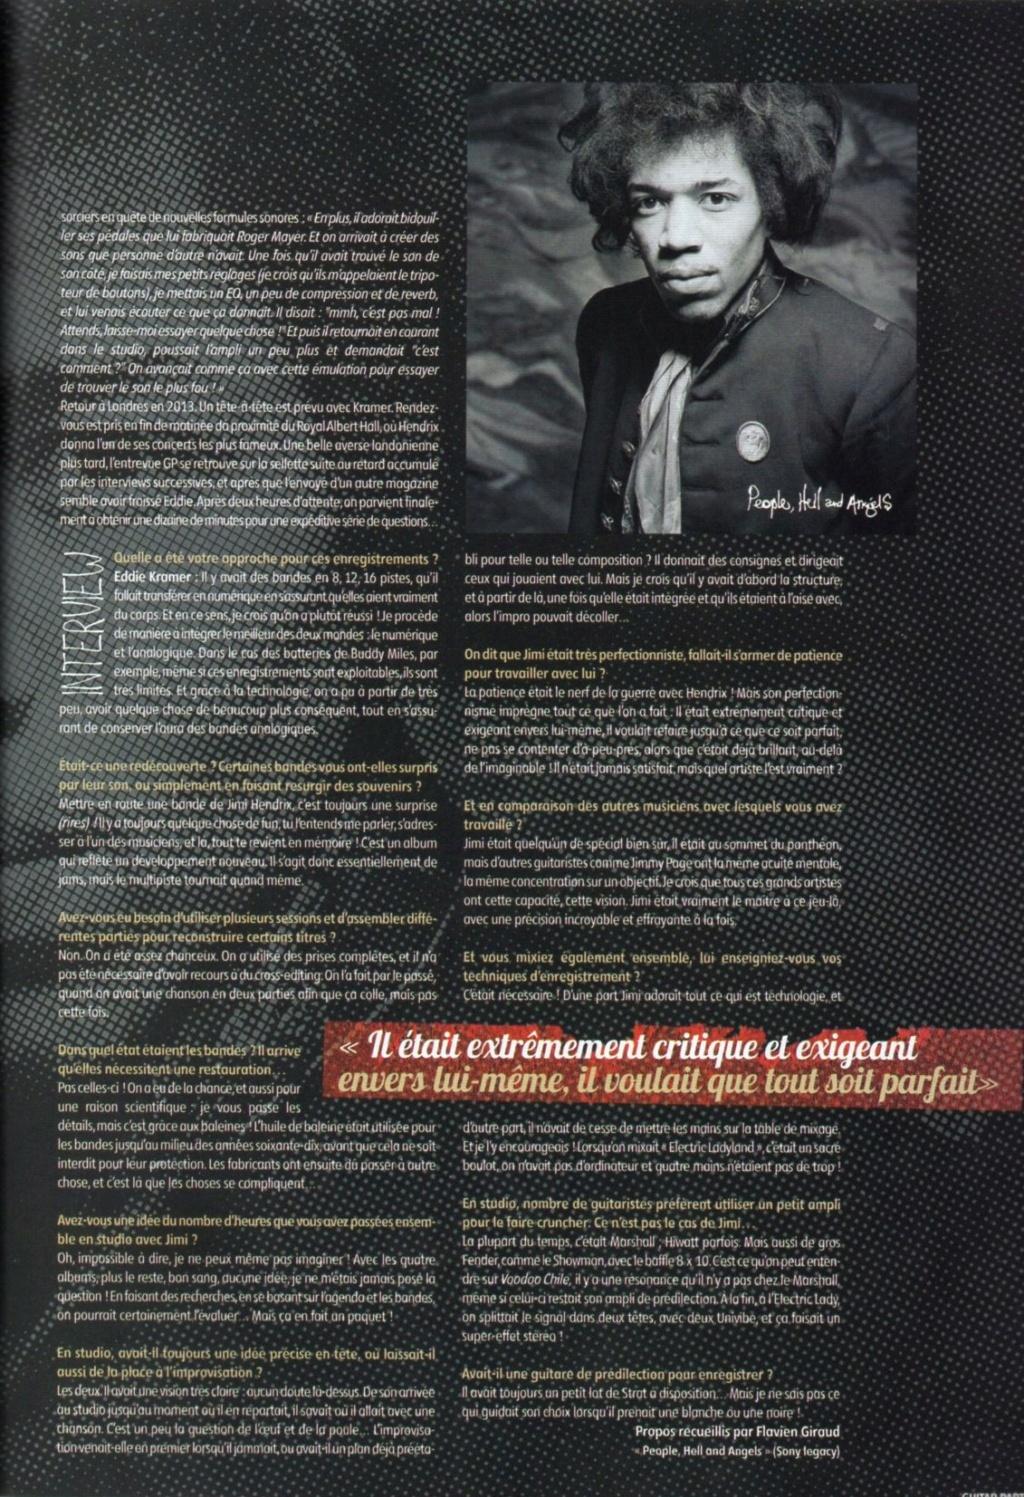 Magazines Français 1989 - 2014 - Page 2 Jimi_g13